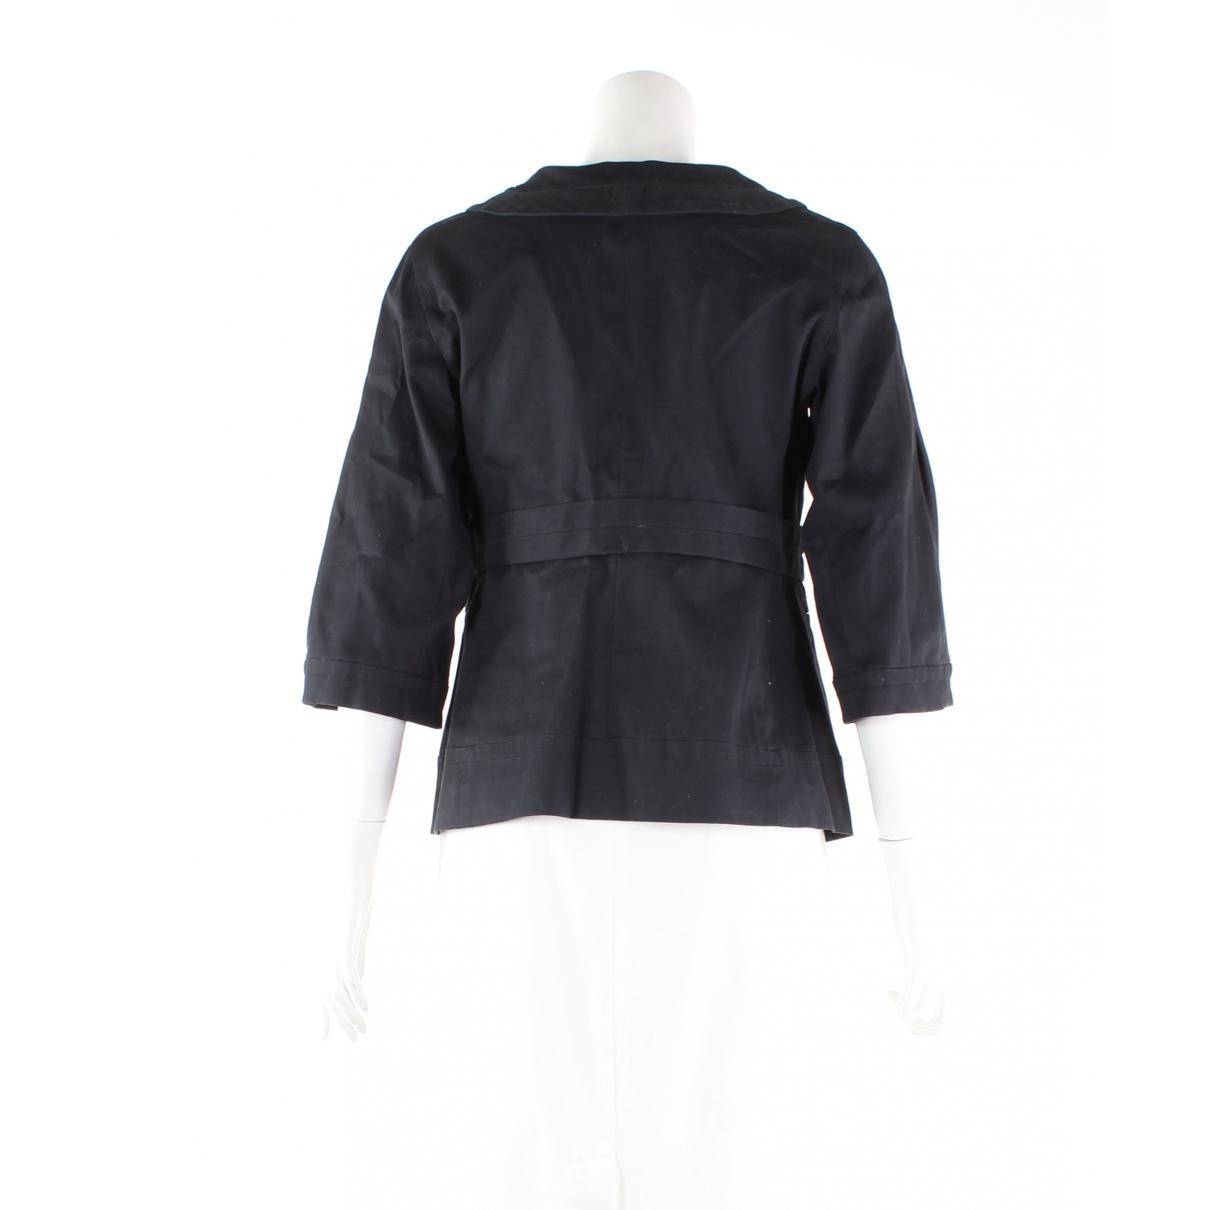 Vest en Coton Marine Marc Jacobs - 10 % de réduction